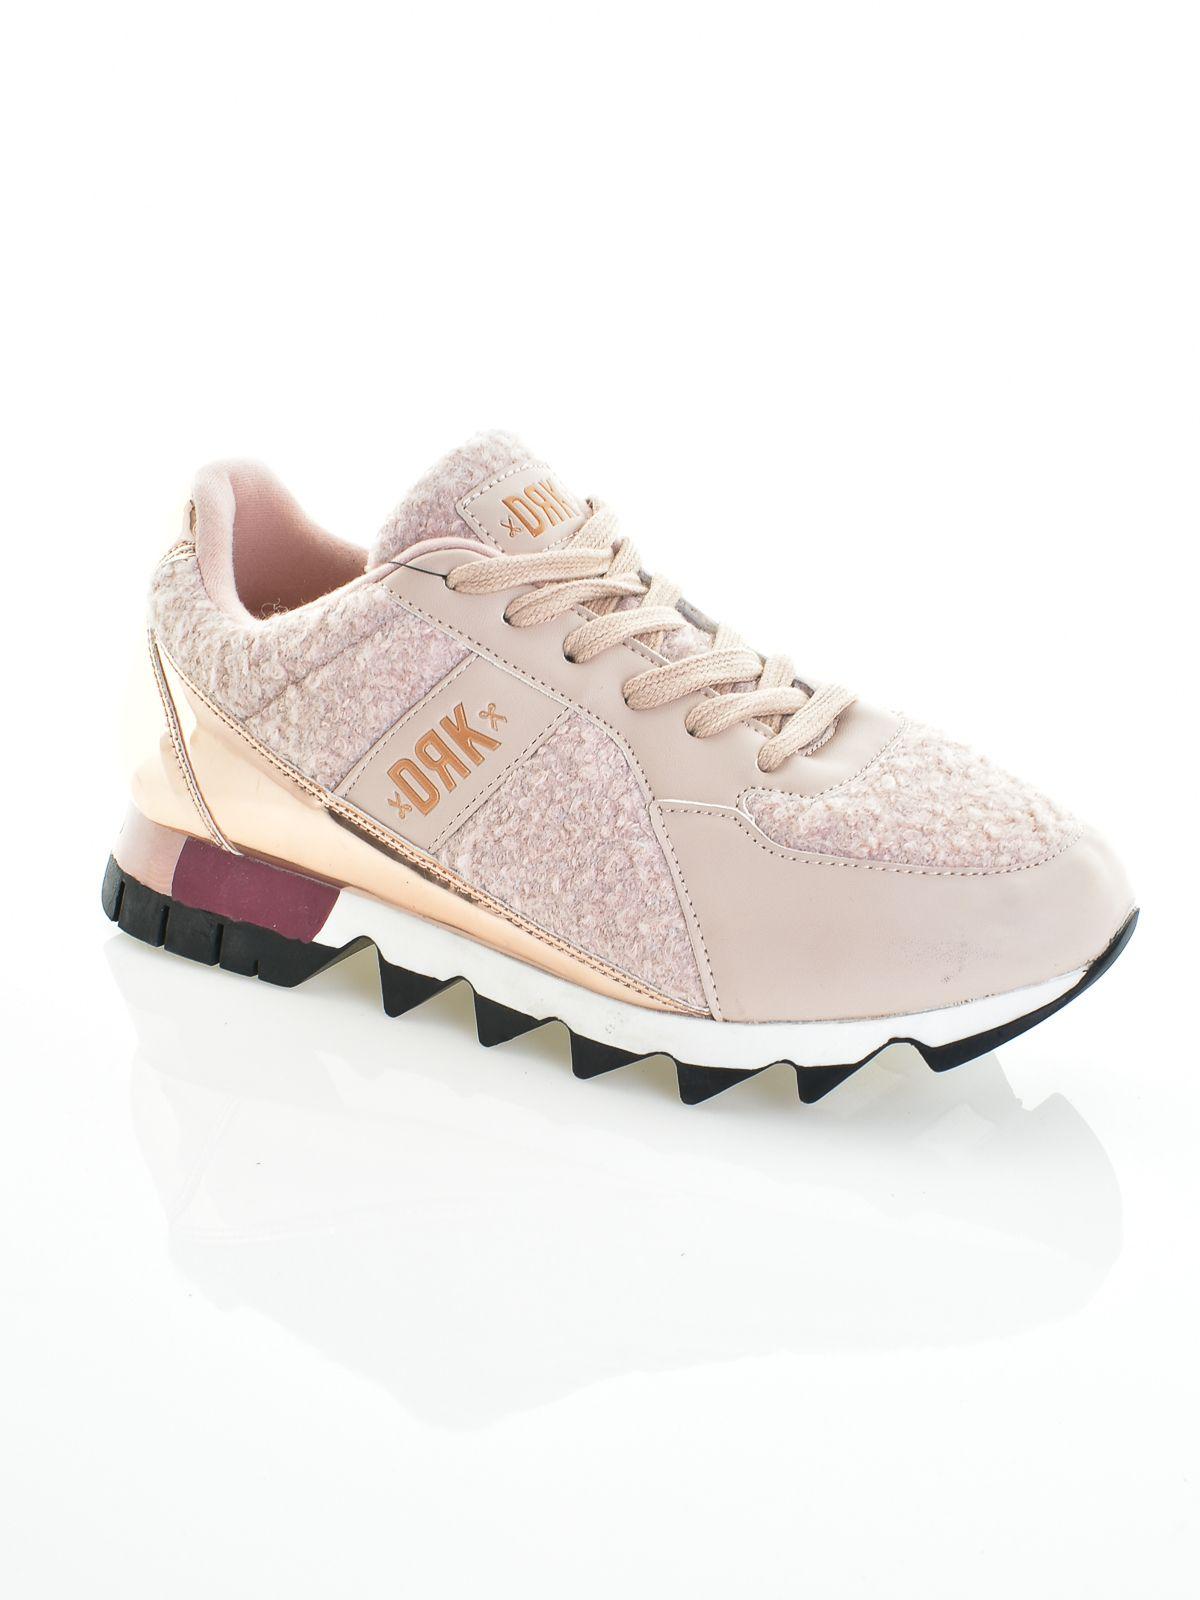 2a298bbd4 Dorko női magasszárú cipő ROY